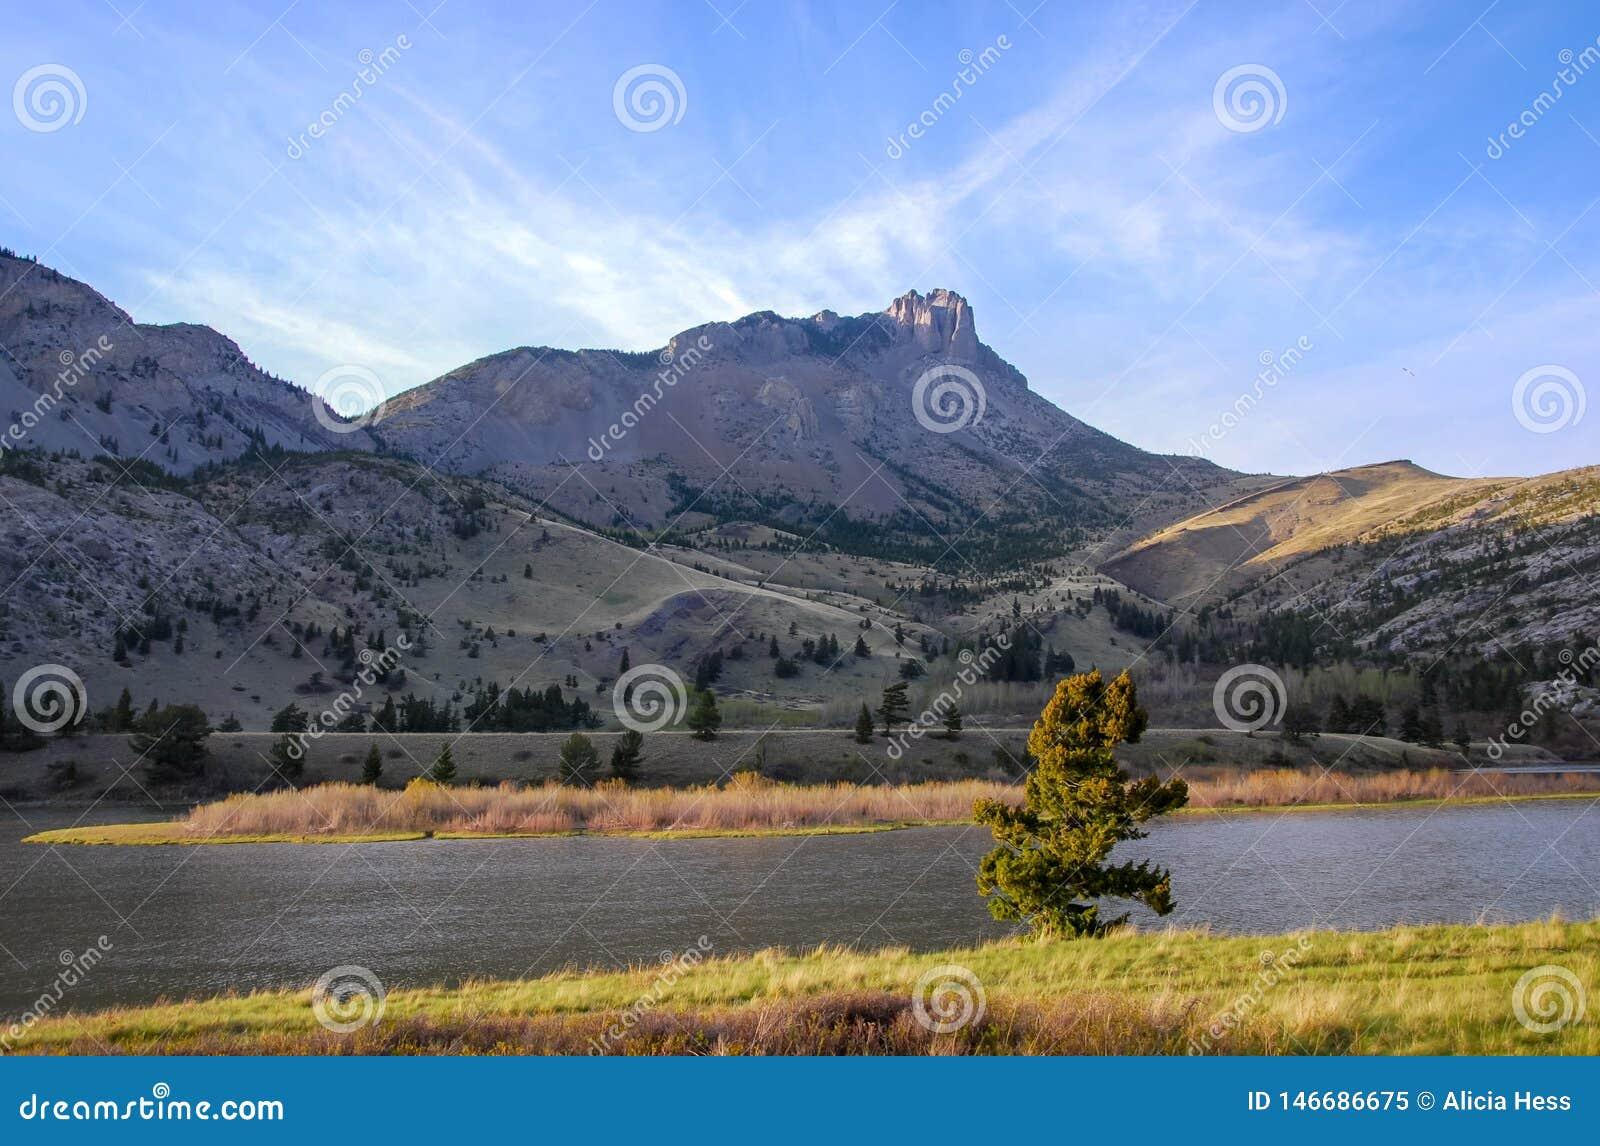 Αιχμηρές αιχμές βουνών κατά μήκος του ανατολικού μετώπου της Μοντάνα